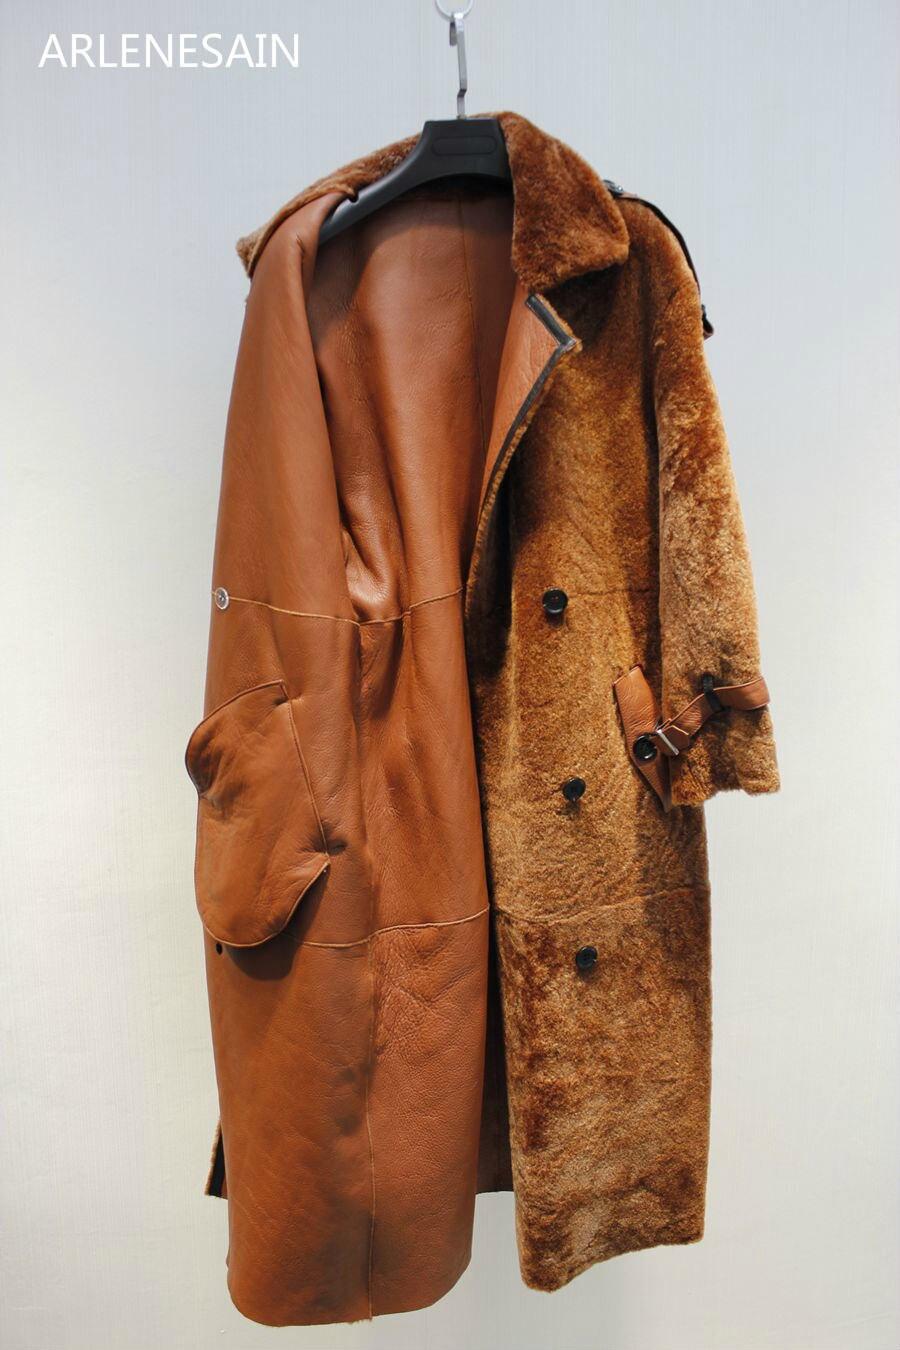 Fourrure Rouge Manteau Mouton Personnalisé Corail vert Arlenesain Femmes kaki Long Importé Nouveau 2018 Lâche Mode noir De wnXOq